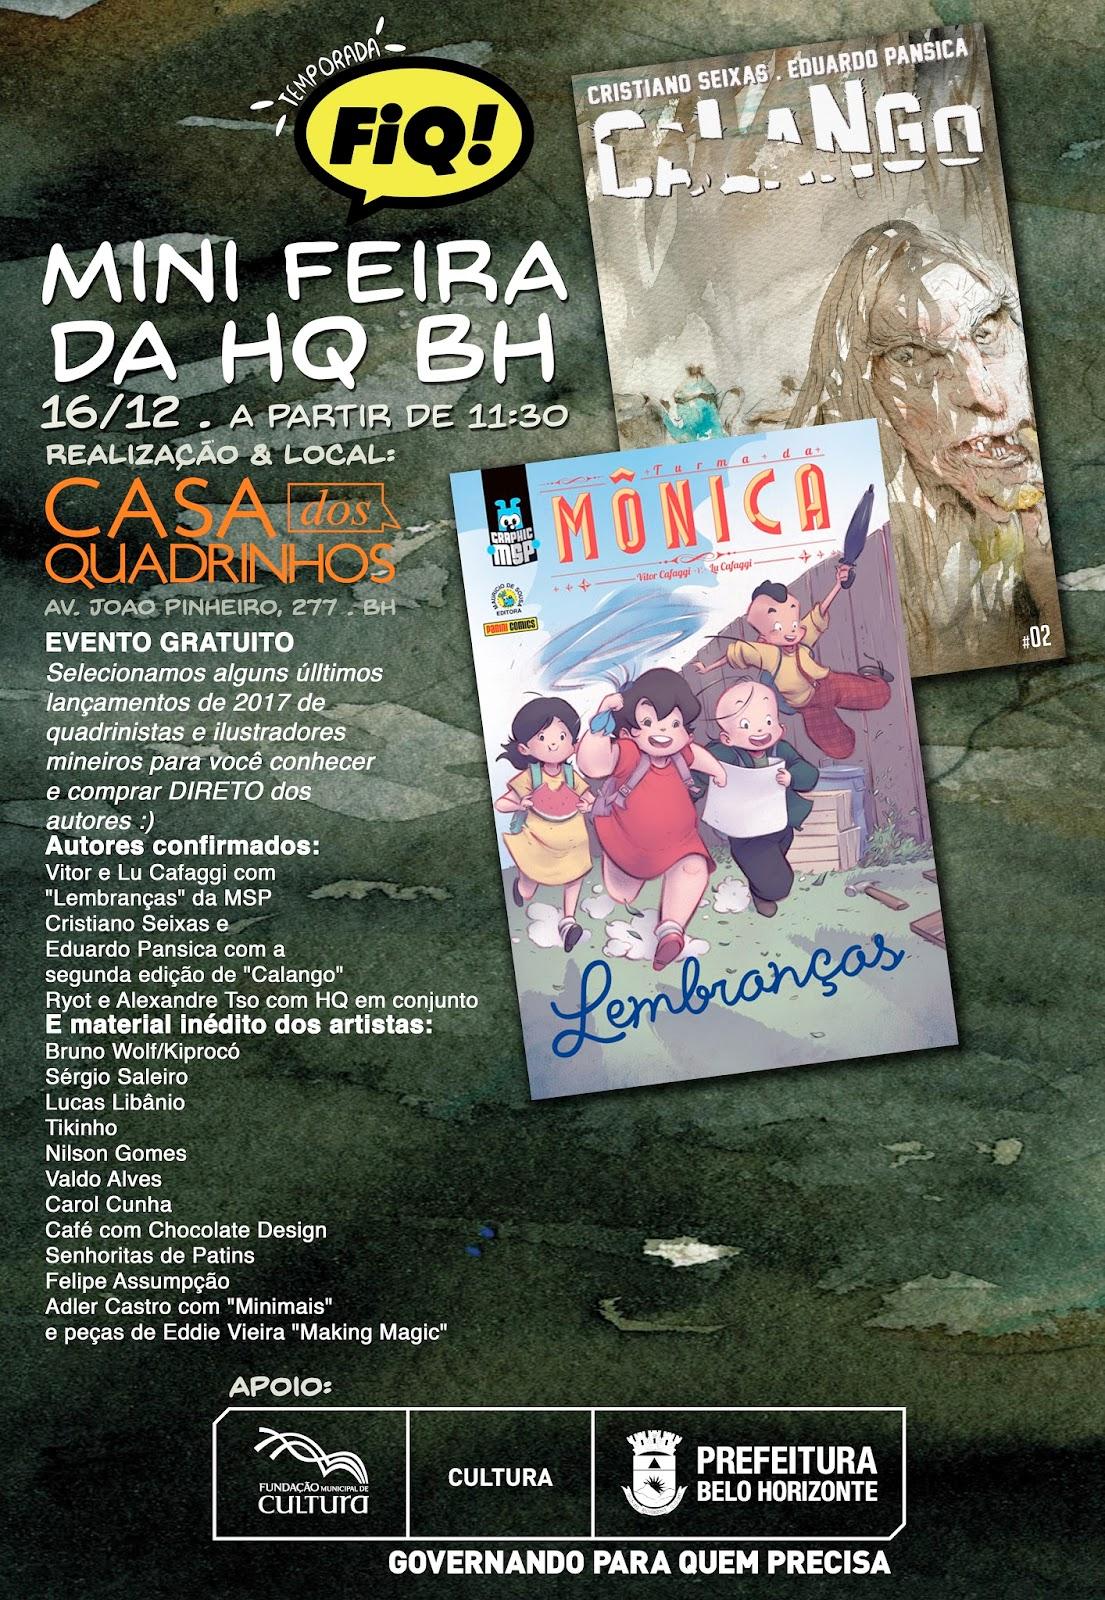 Filme Dentro Da Casa regarding casa dos quadrinhos